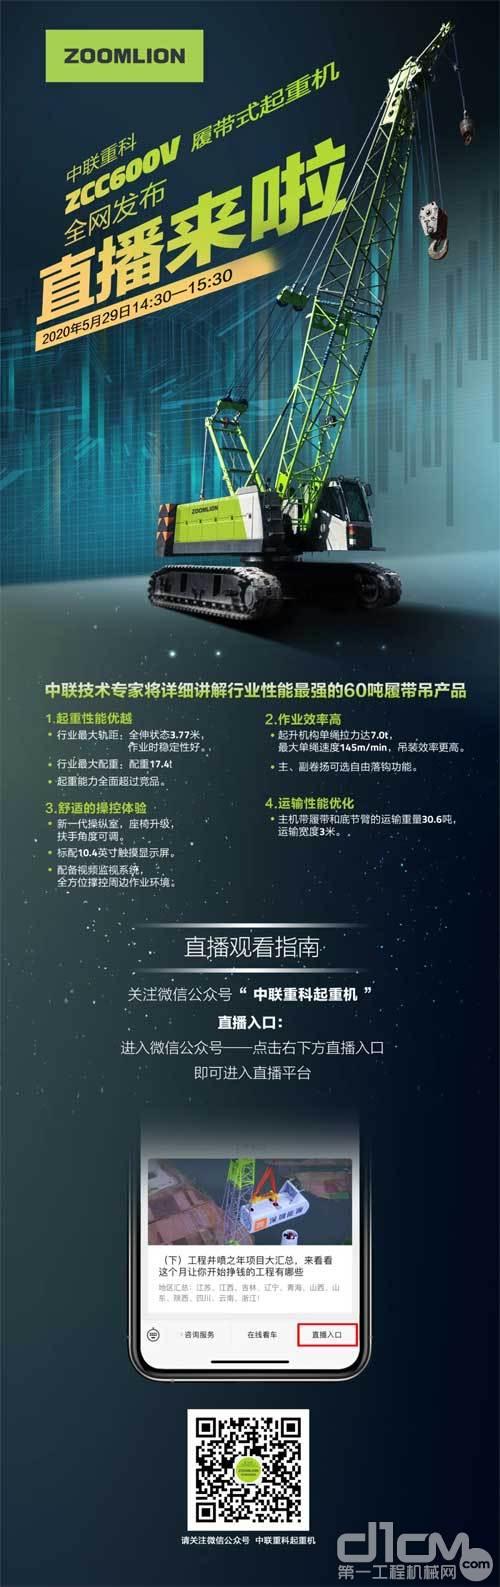 中联重科ZCC600V直播观看介绍海报